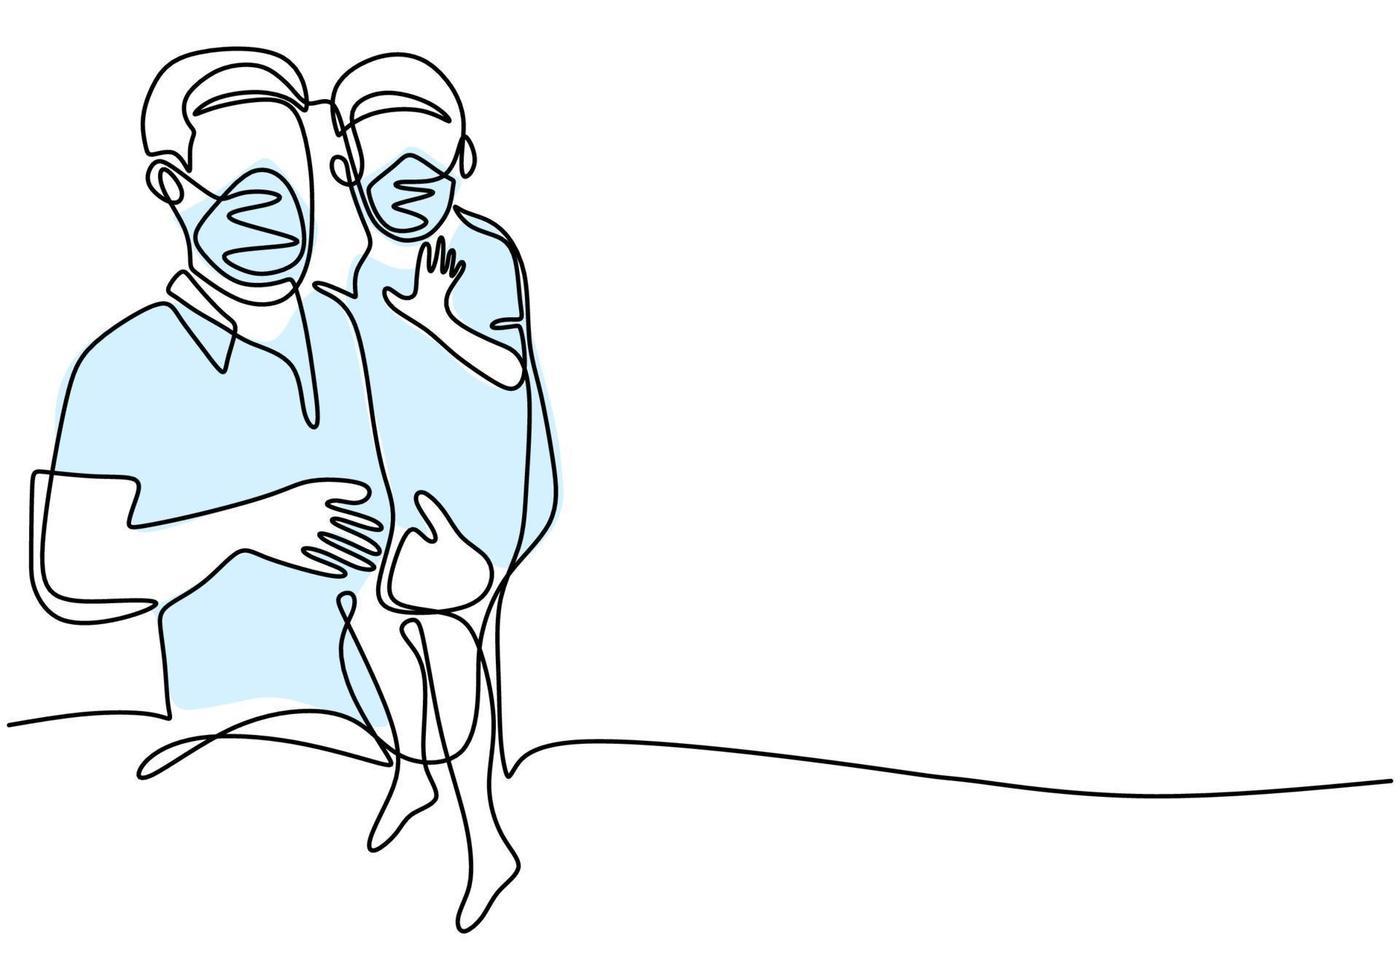 contínuo um desenho de linha pai e filho. papai e seu filho com máscara protetora para evitar a infecção do vírus. acostume-se a viver limpo e saudável em um novo normal. covid19. ilustração vetorial vetor